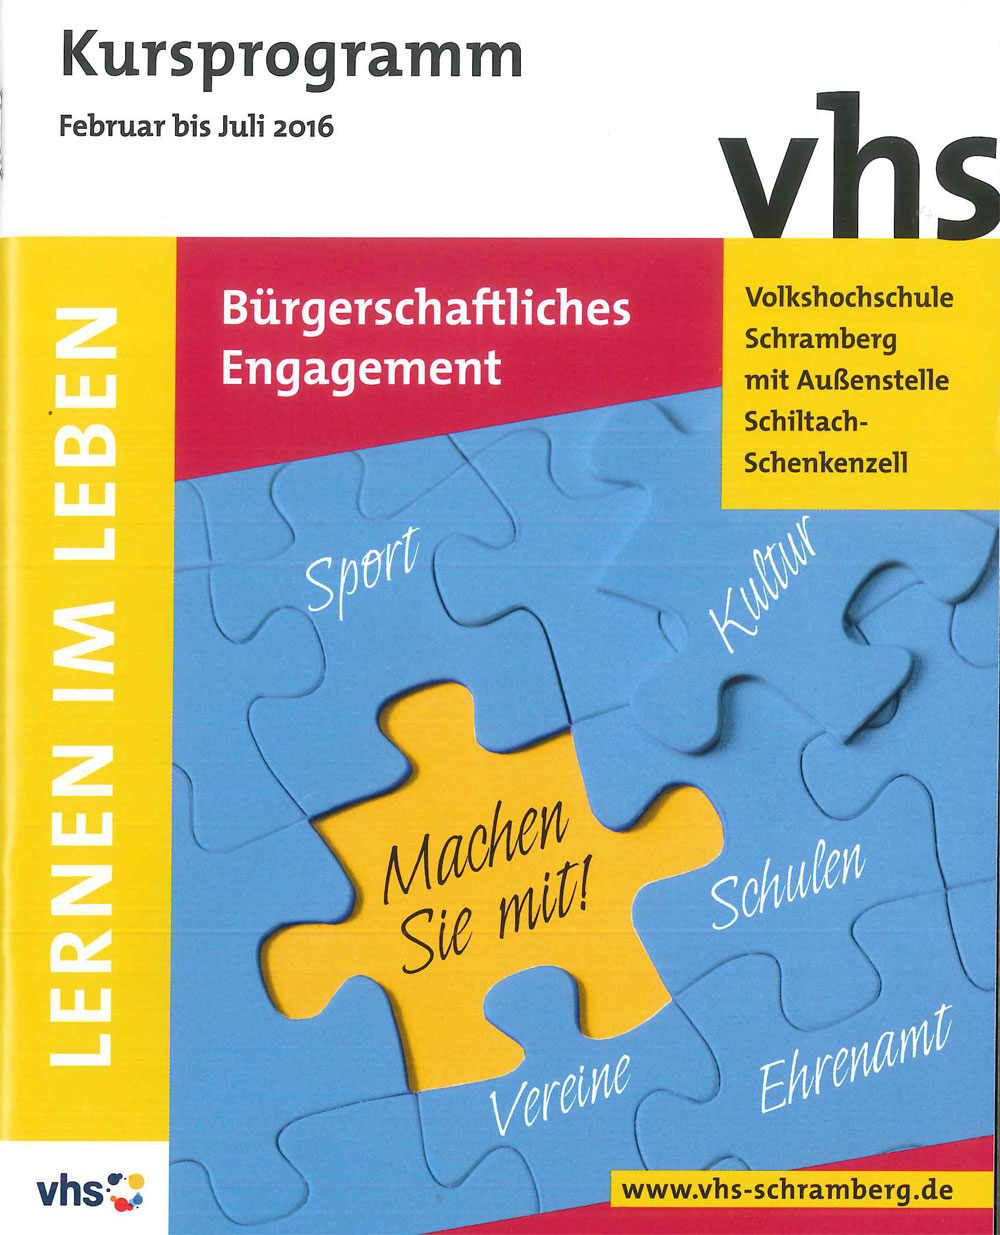 VHS-Programm-2016-I